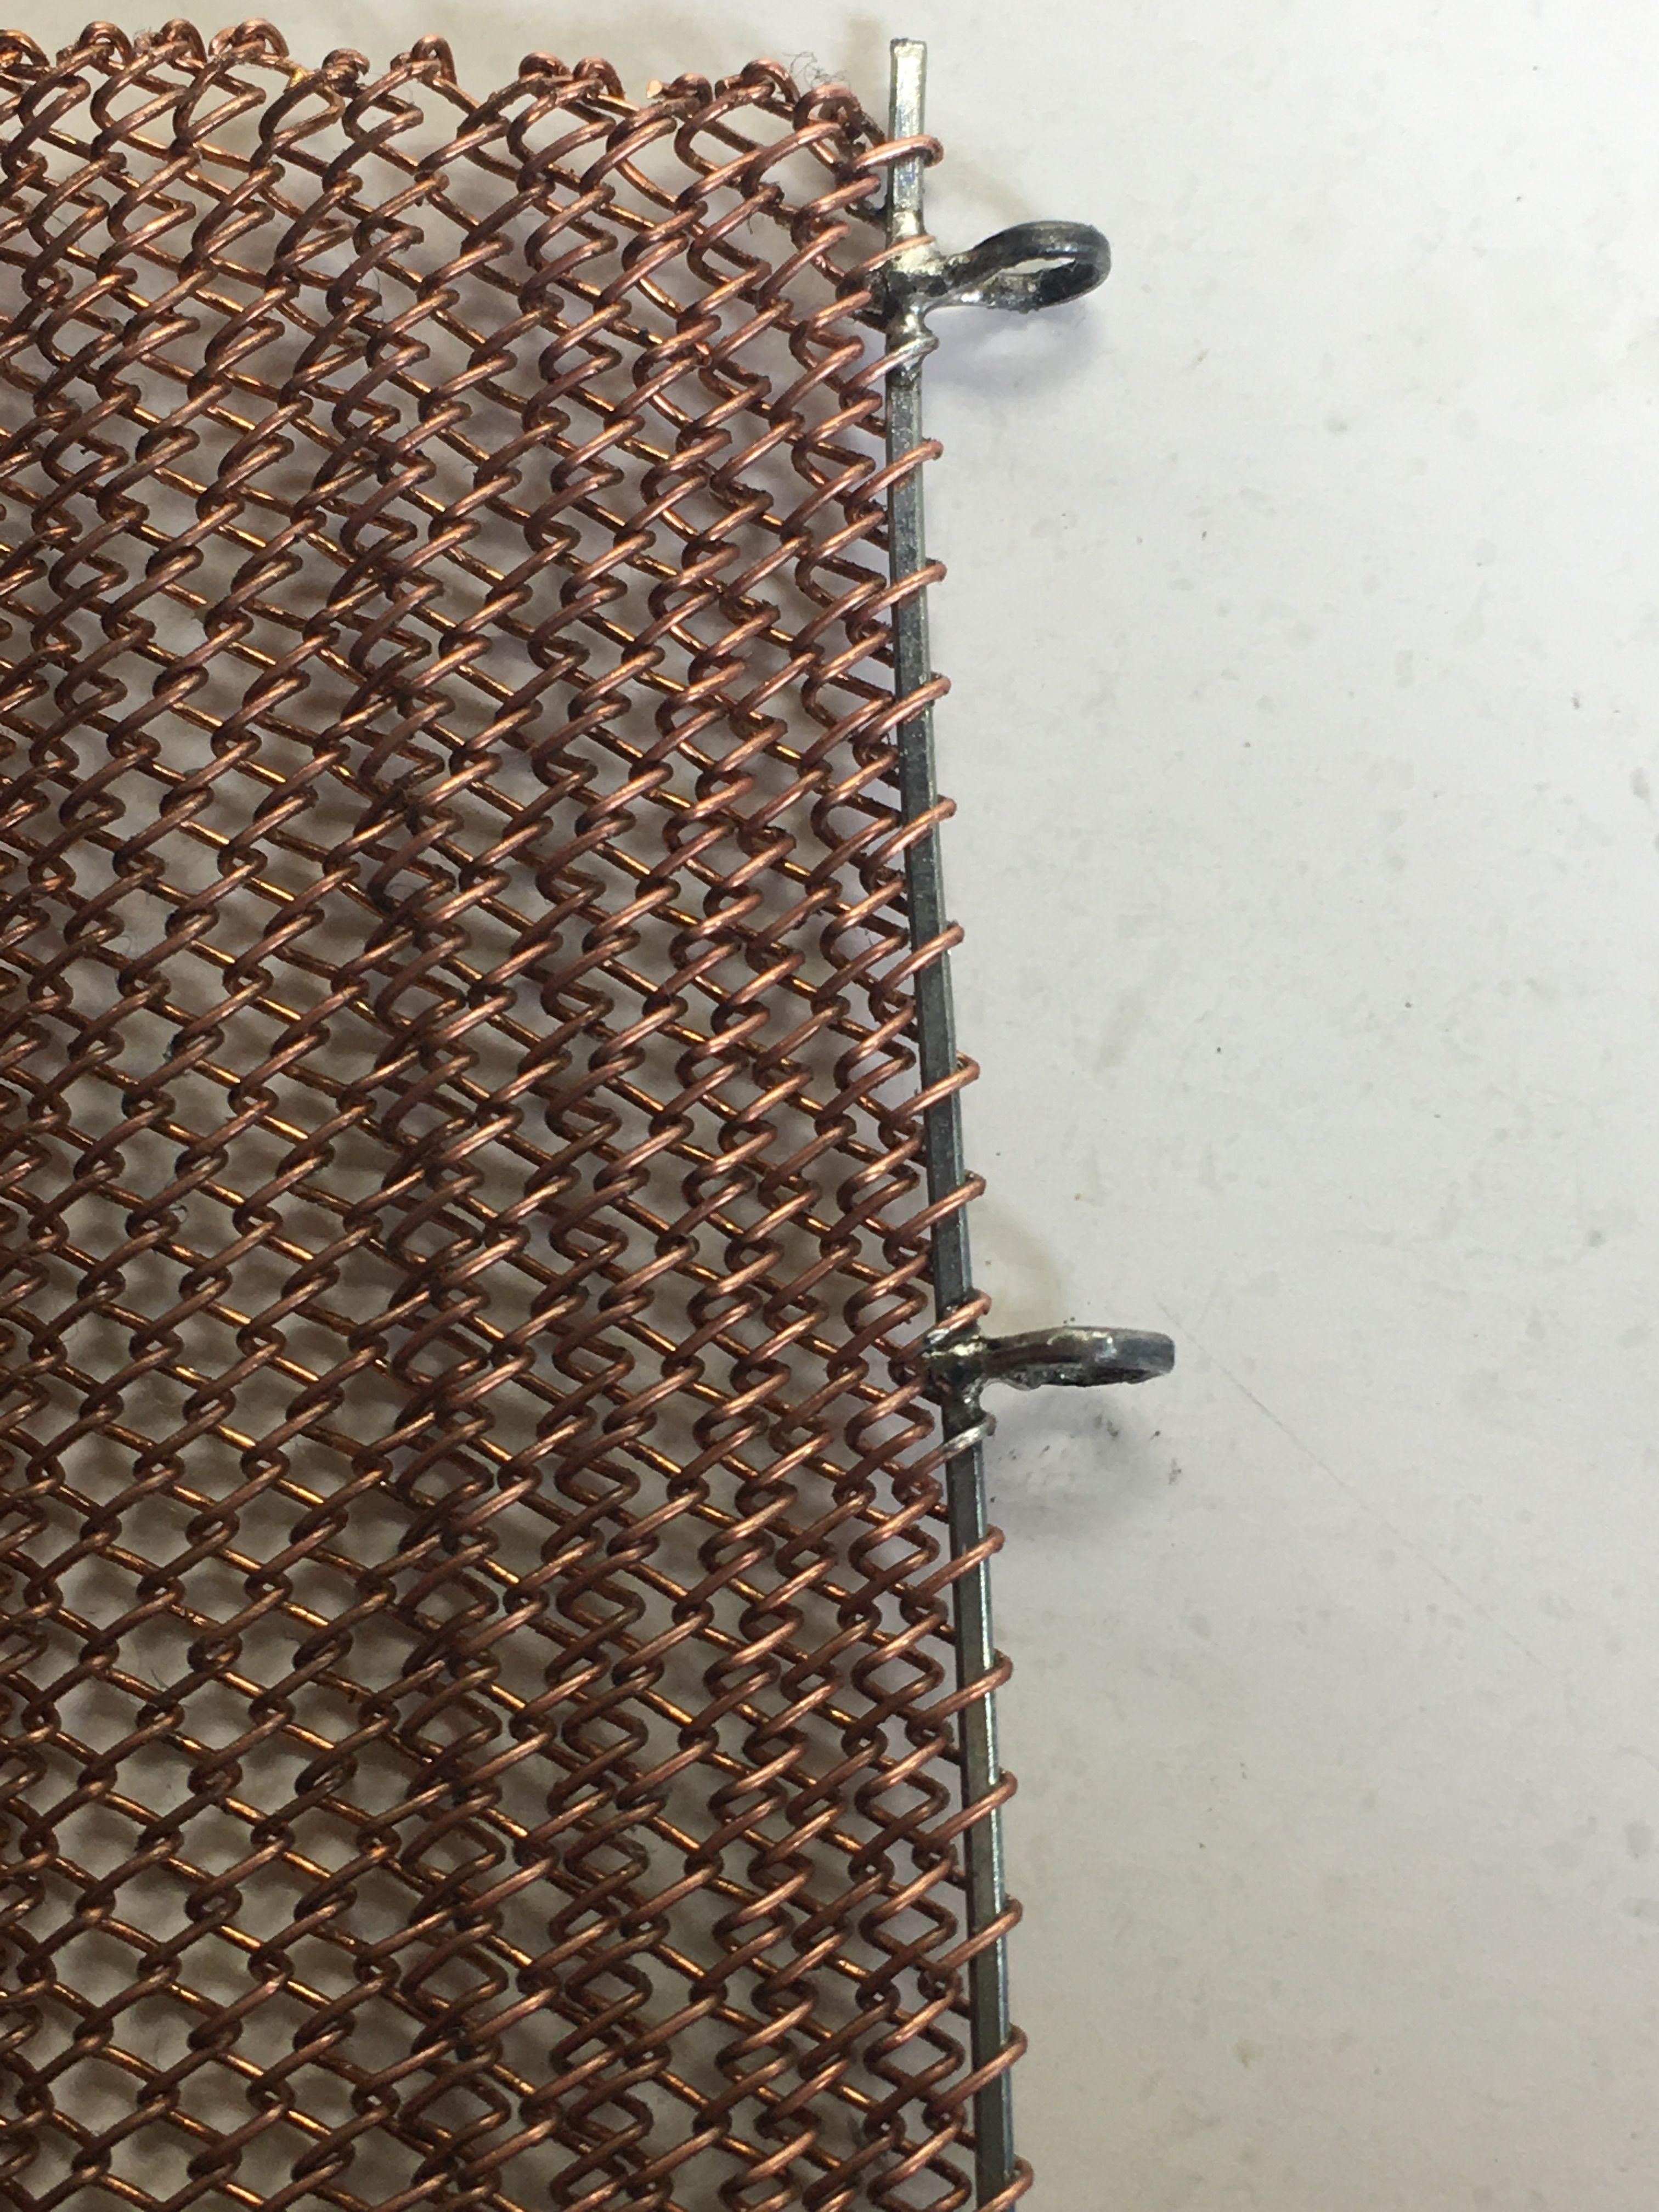 Detalle abrazaderas Valla de alambre trenzado 13532 acabada